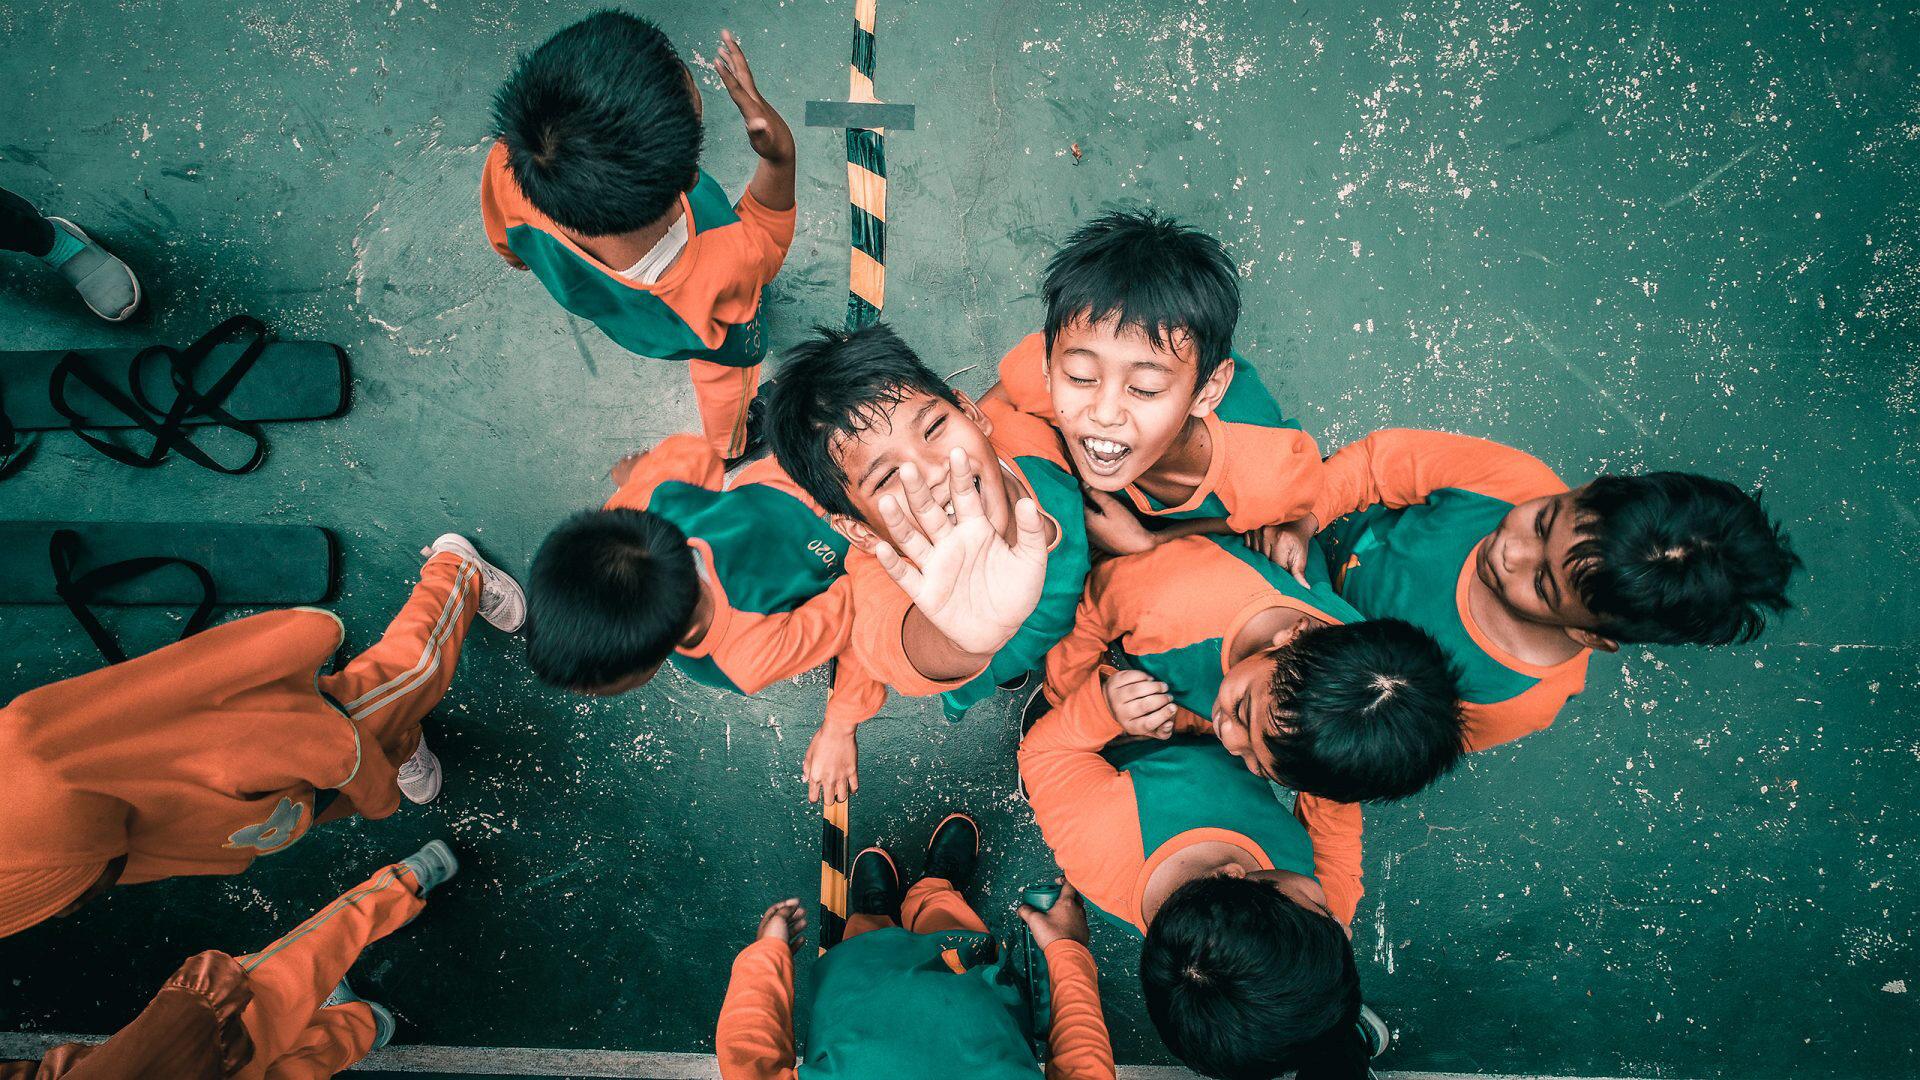 Jasa Dokumentasi Foto dan Video Bogor Sky Aerial Full Day